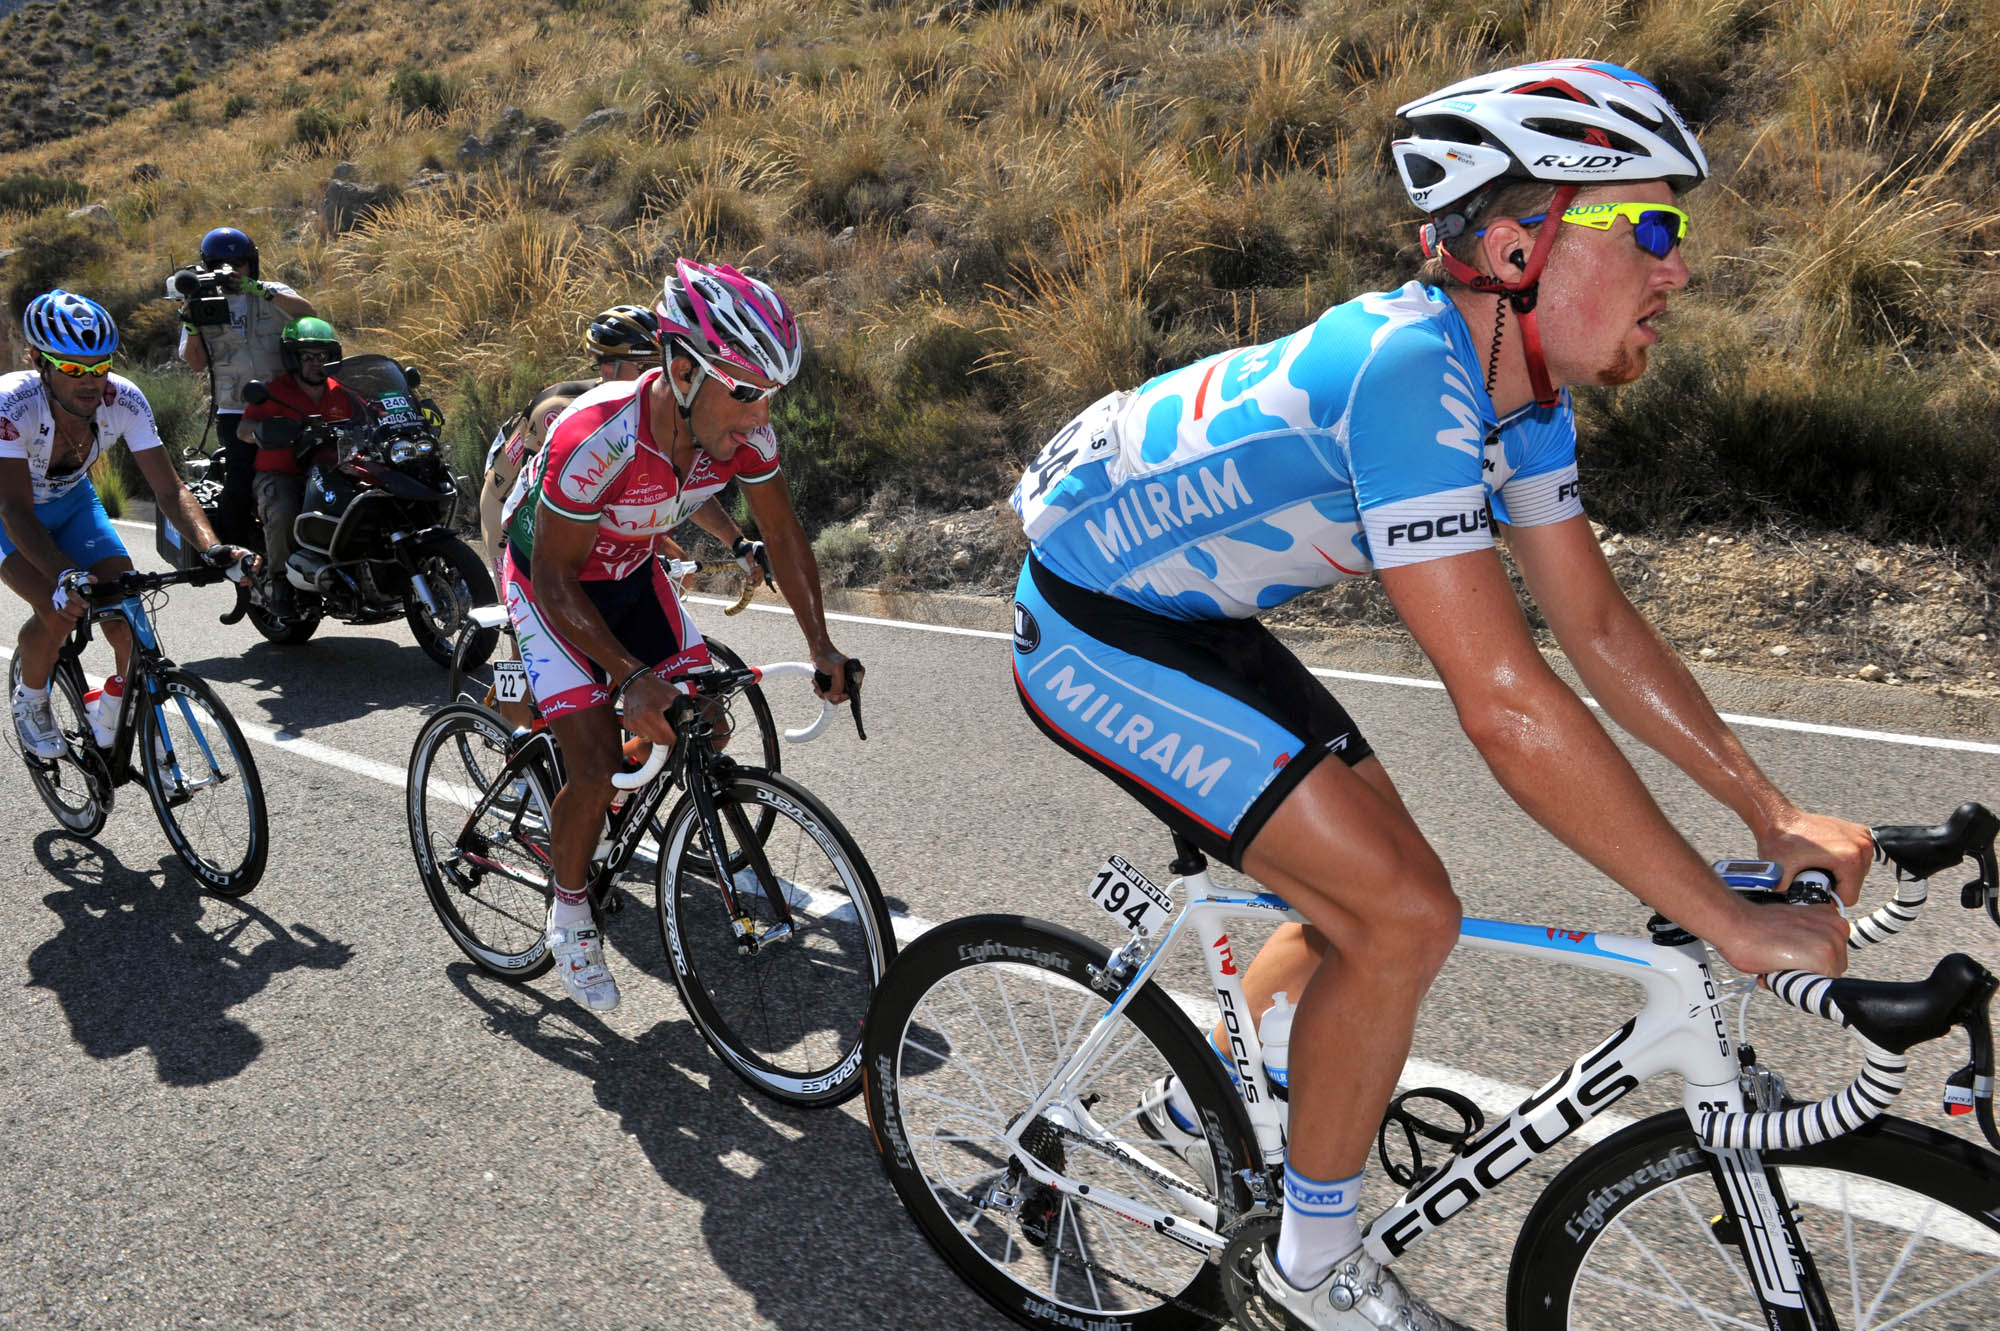 Roels escape, Vuelta a Espana